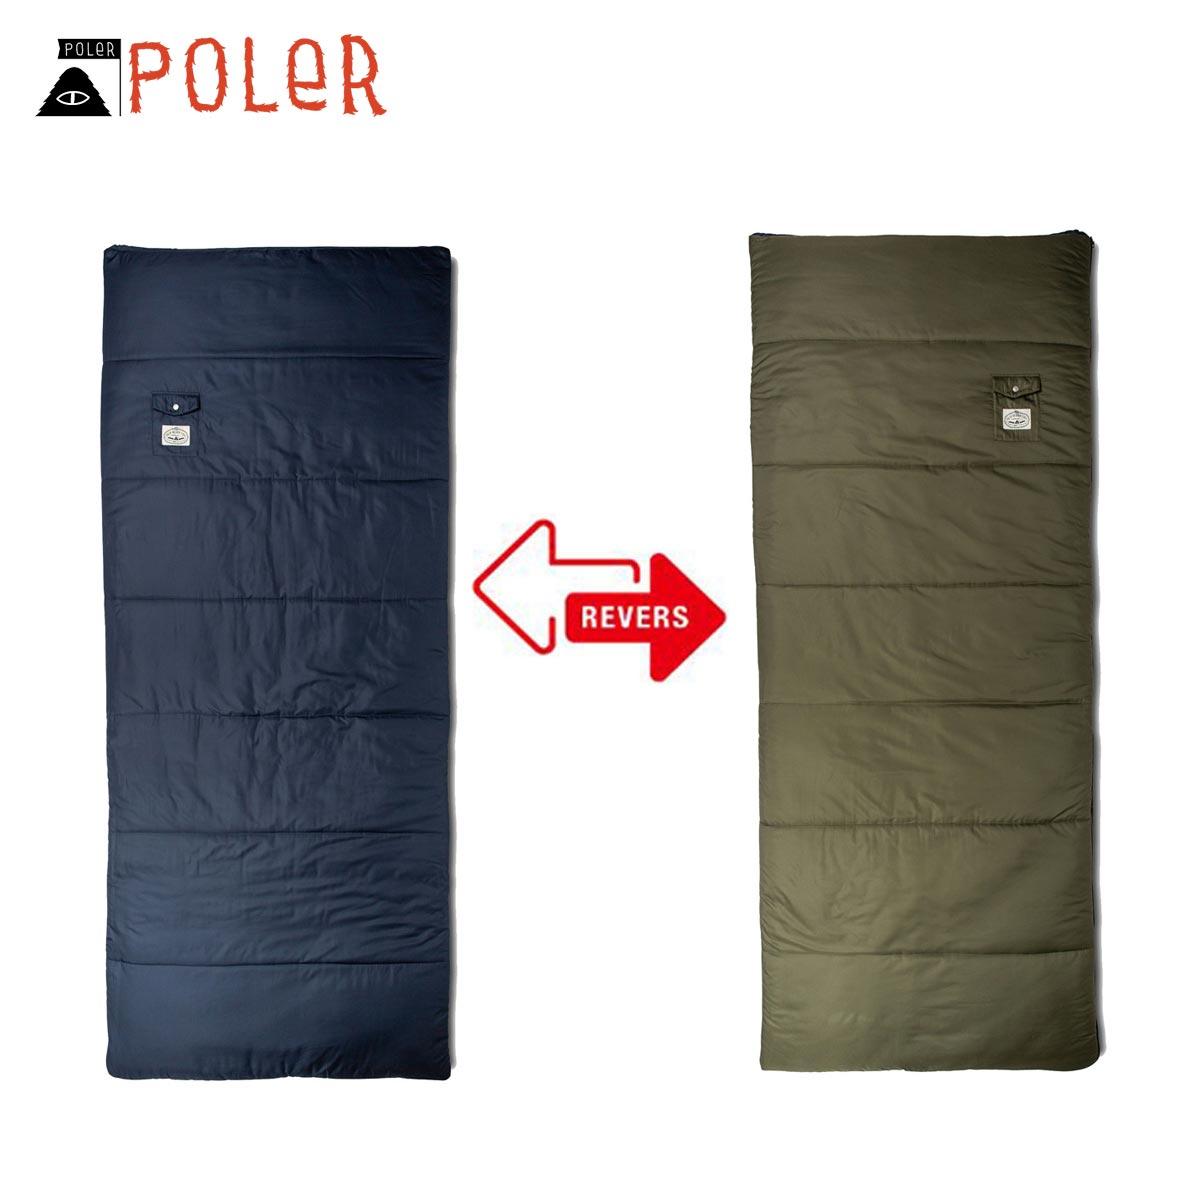 ポーラー POLER 正規販売店 リバーシブル 封筒型寝袋 THE REVERSIBLE SLEEPING SACK 43540001-NVY NAVY